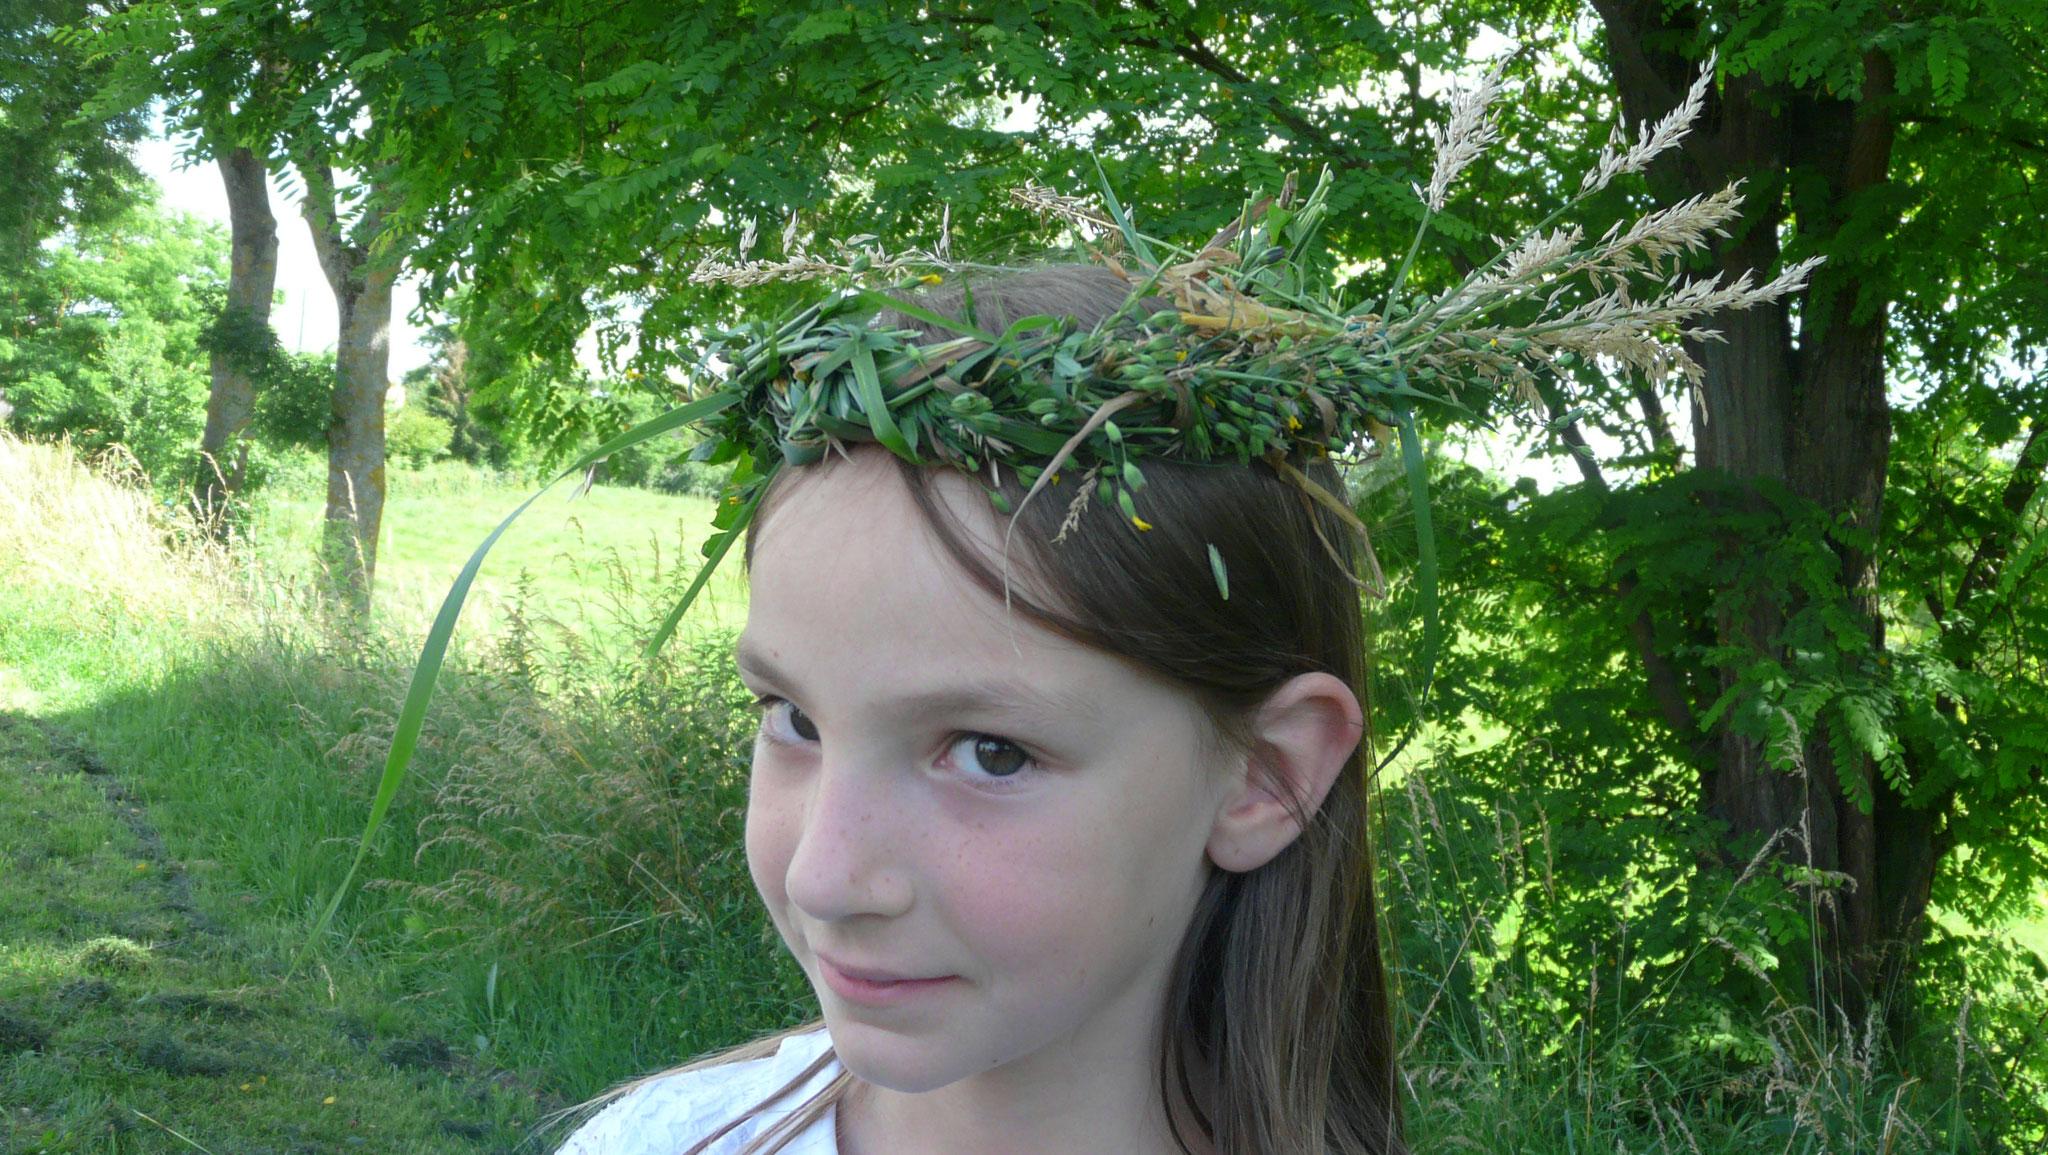 Laura, la fée des graminées....